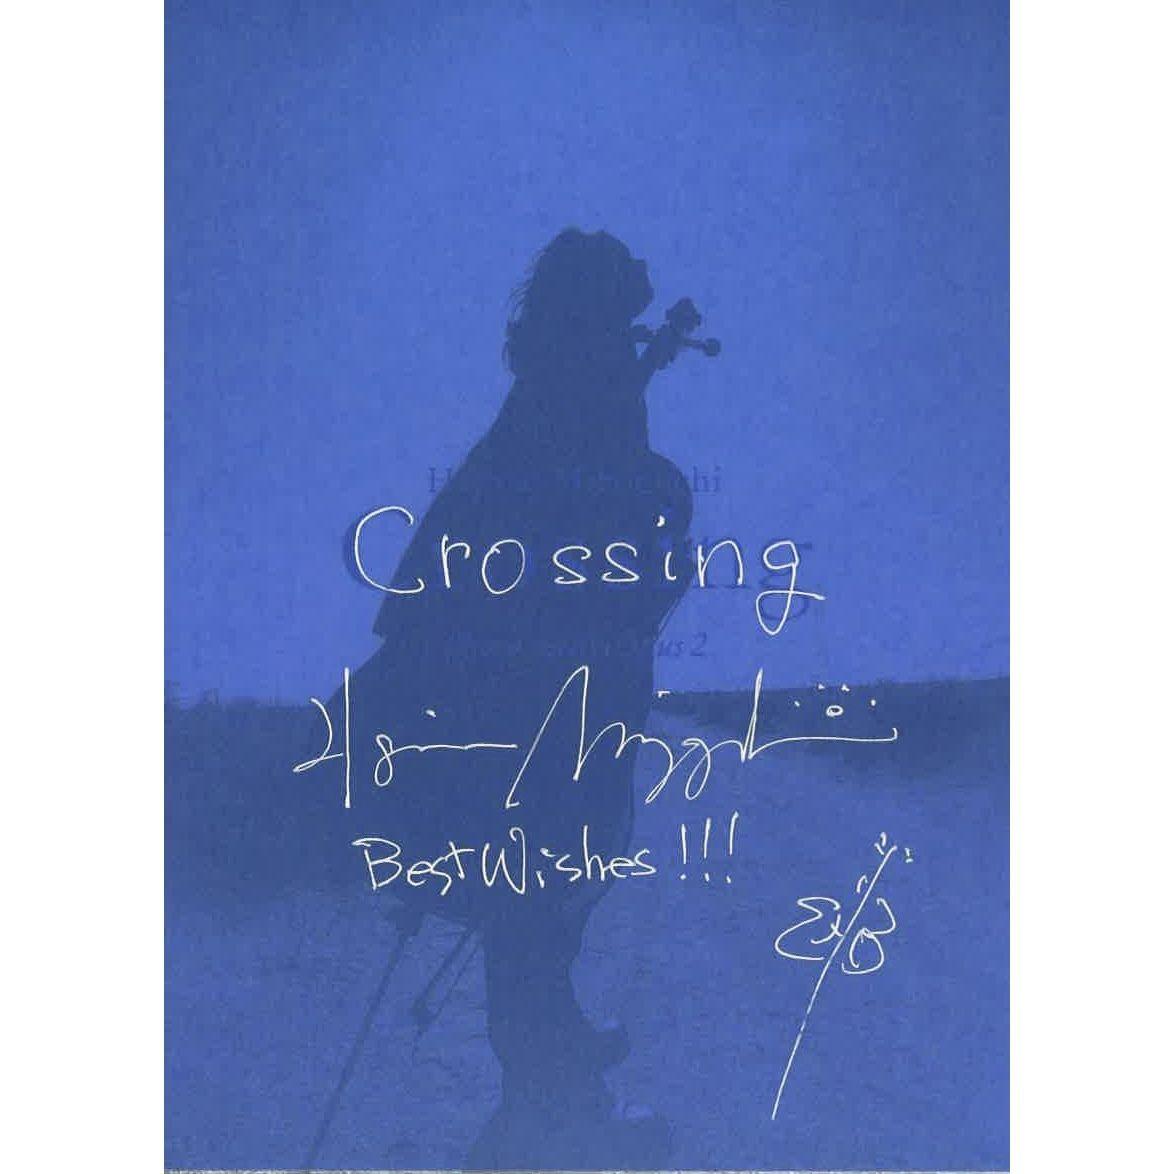 溝口肇 写真集 第2集「Crossing」